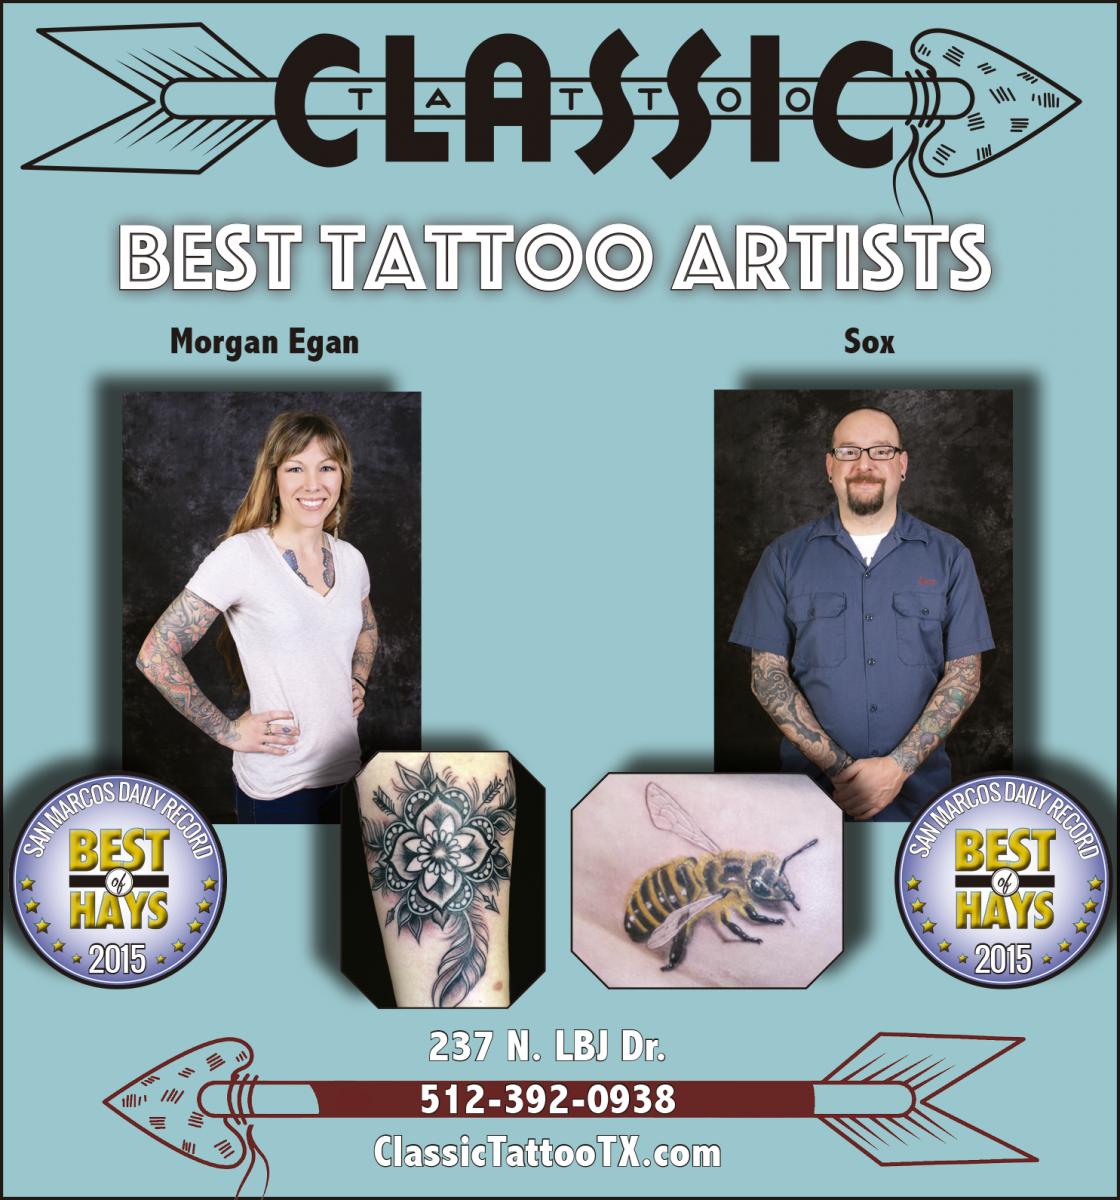 Classic Tattoo Best Tattoo Artists Classic Tattoo San Marcos Tx